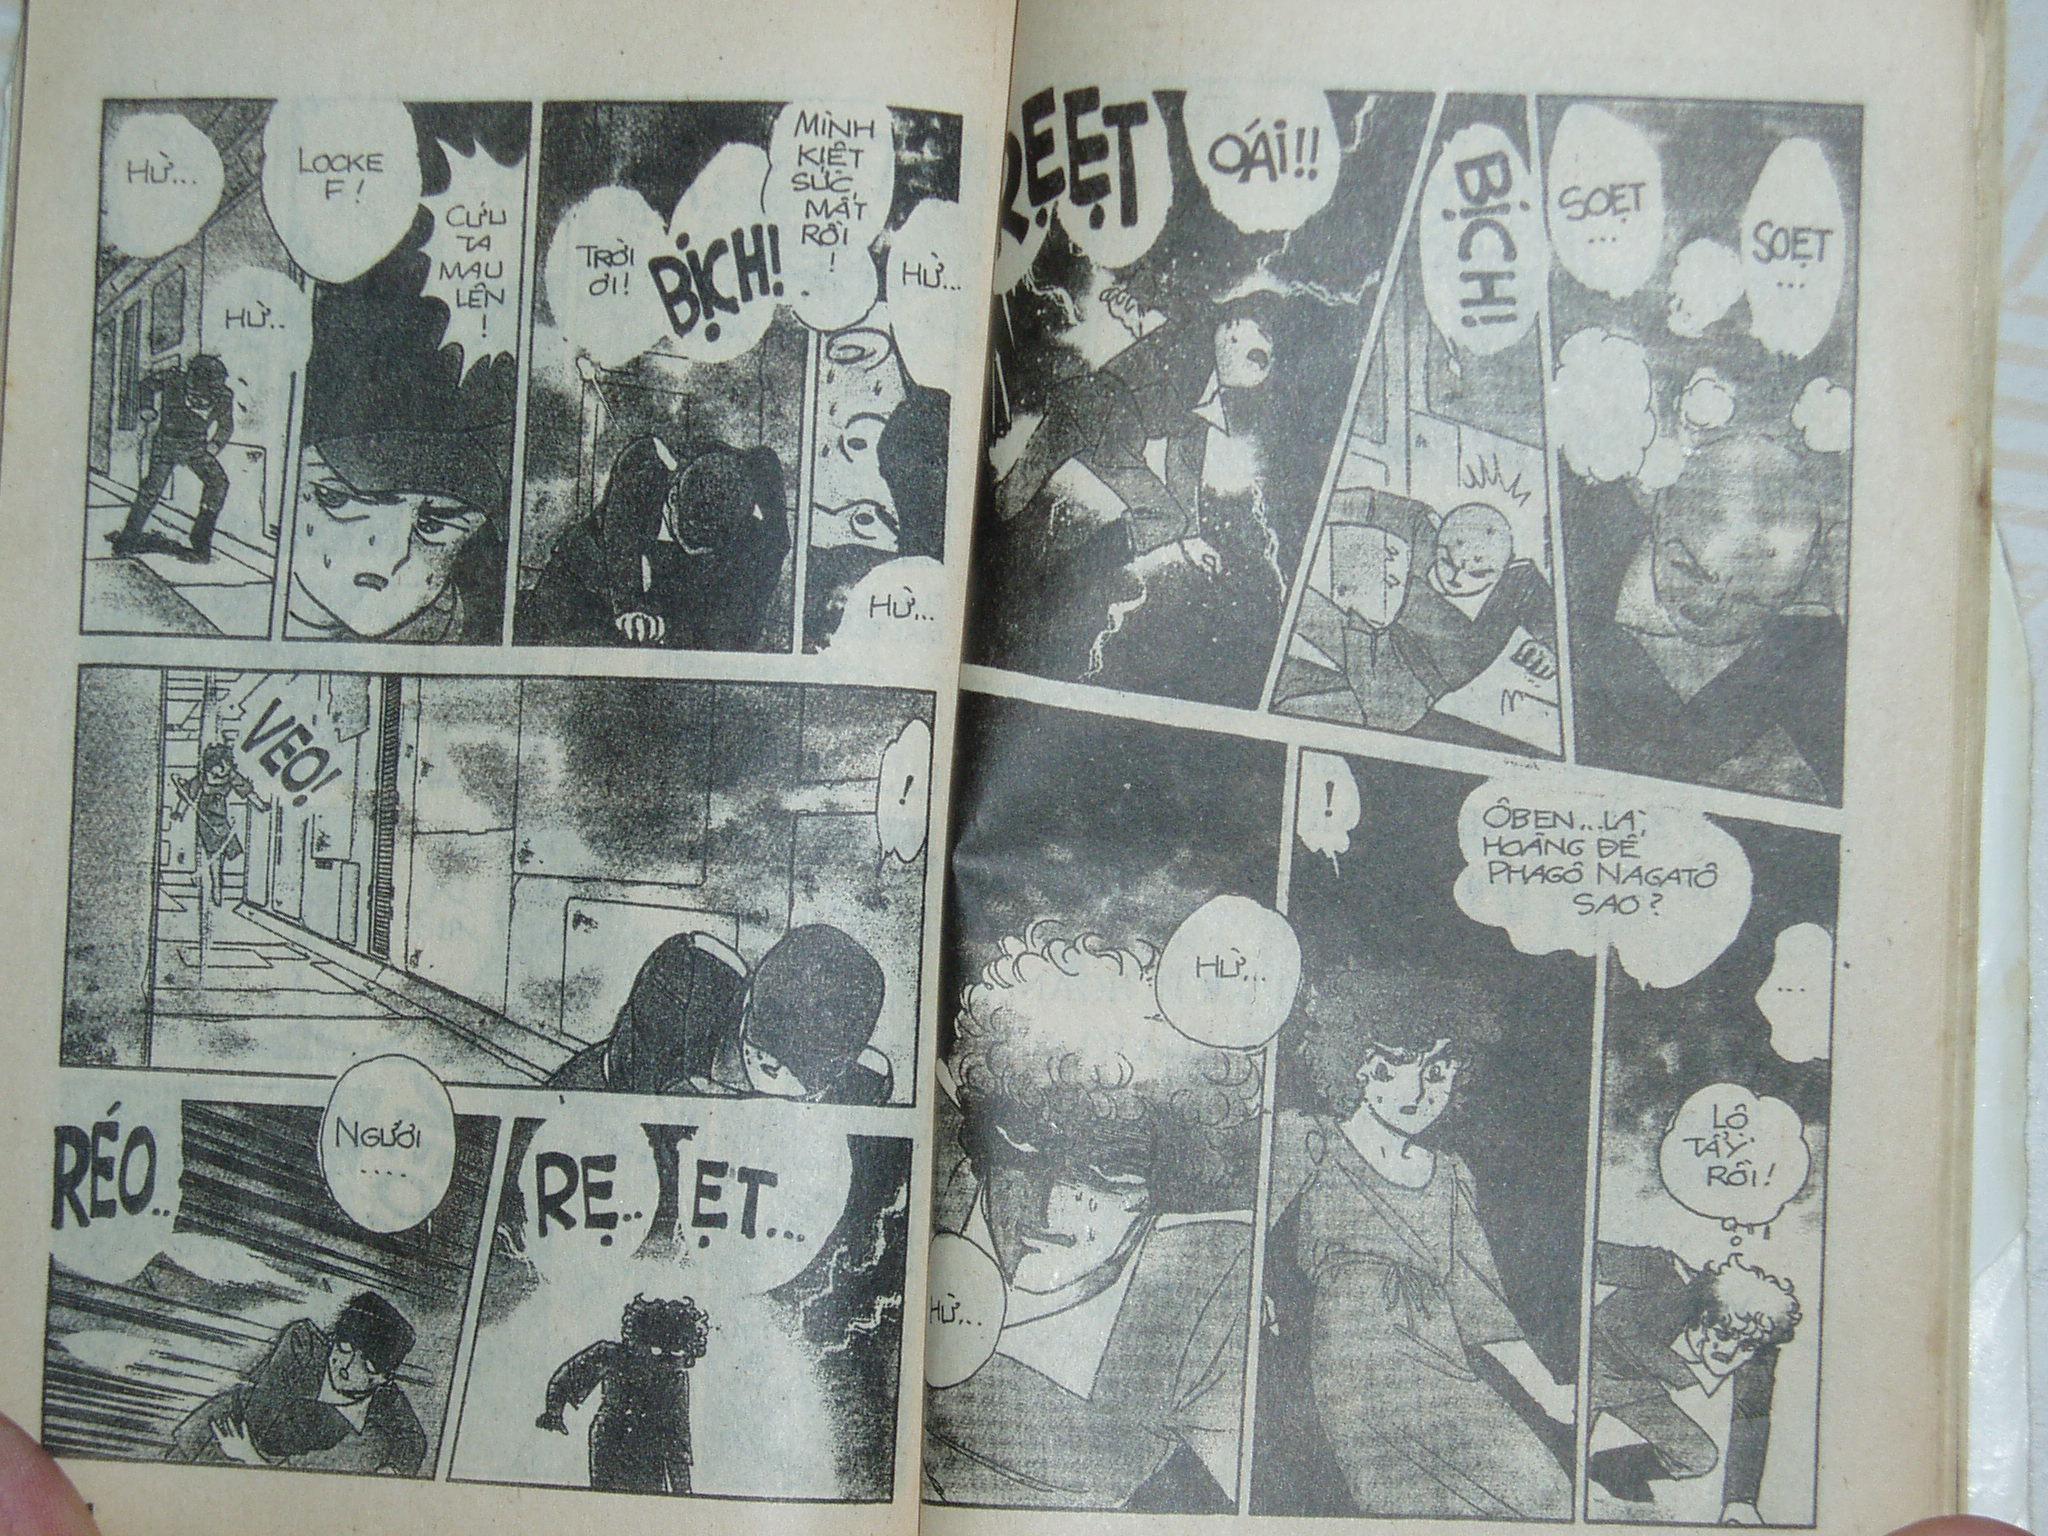 Siêu nhân Locke vol 13 trang 59